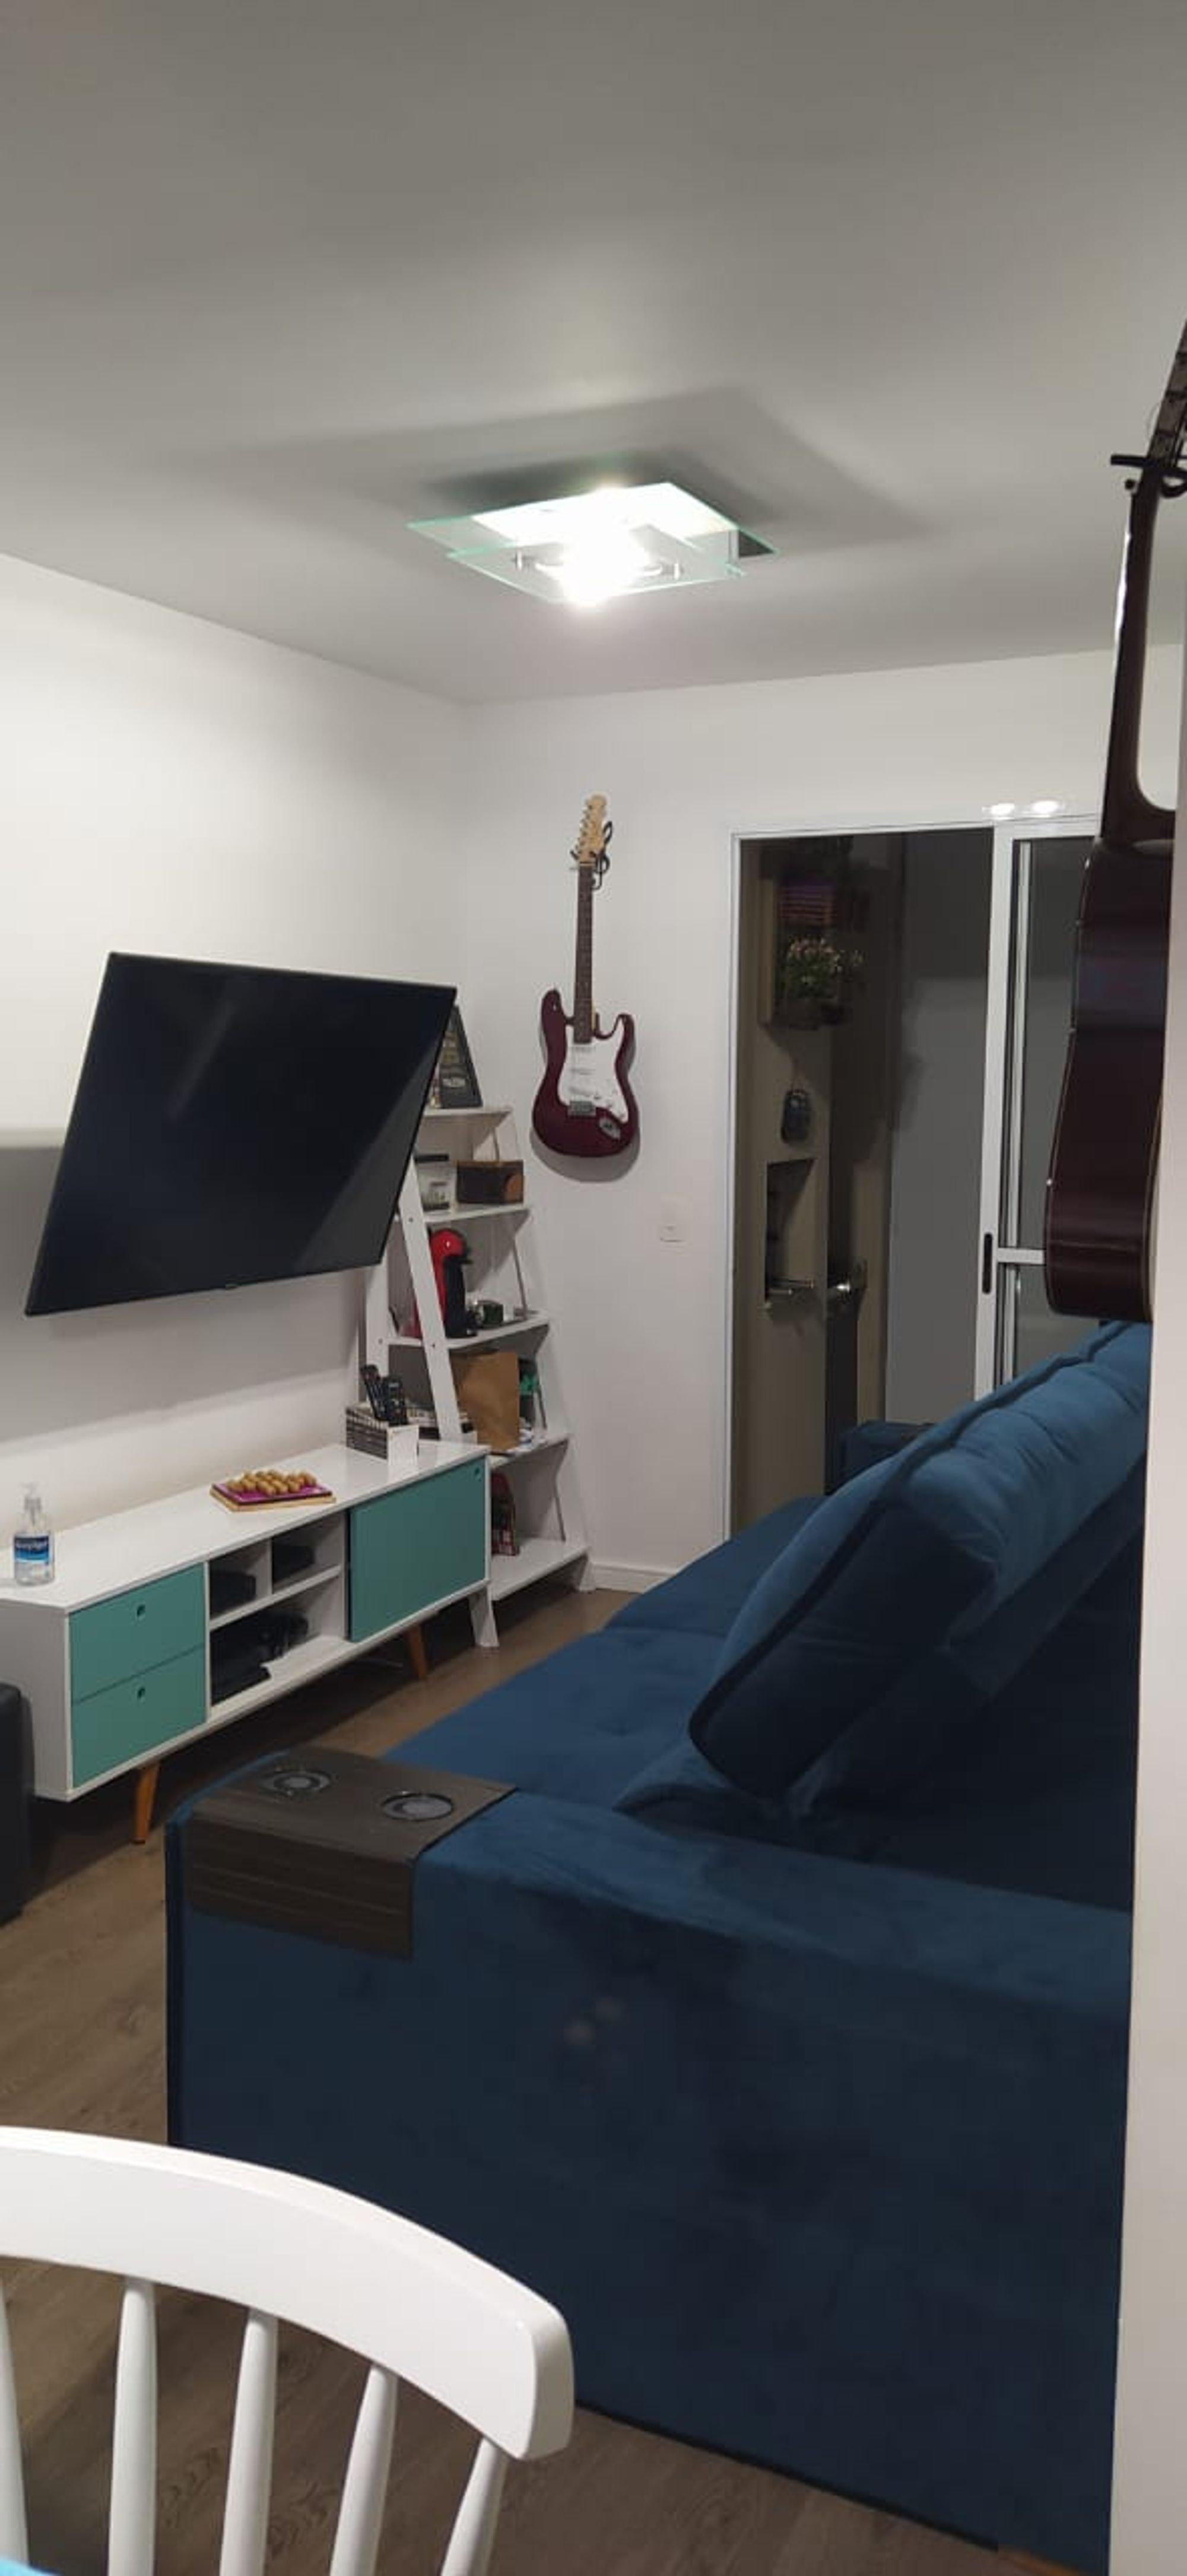 Foto de Sala com cadeira